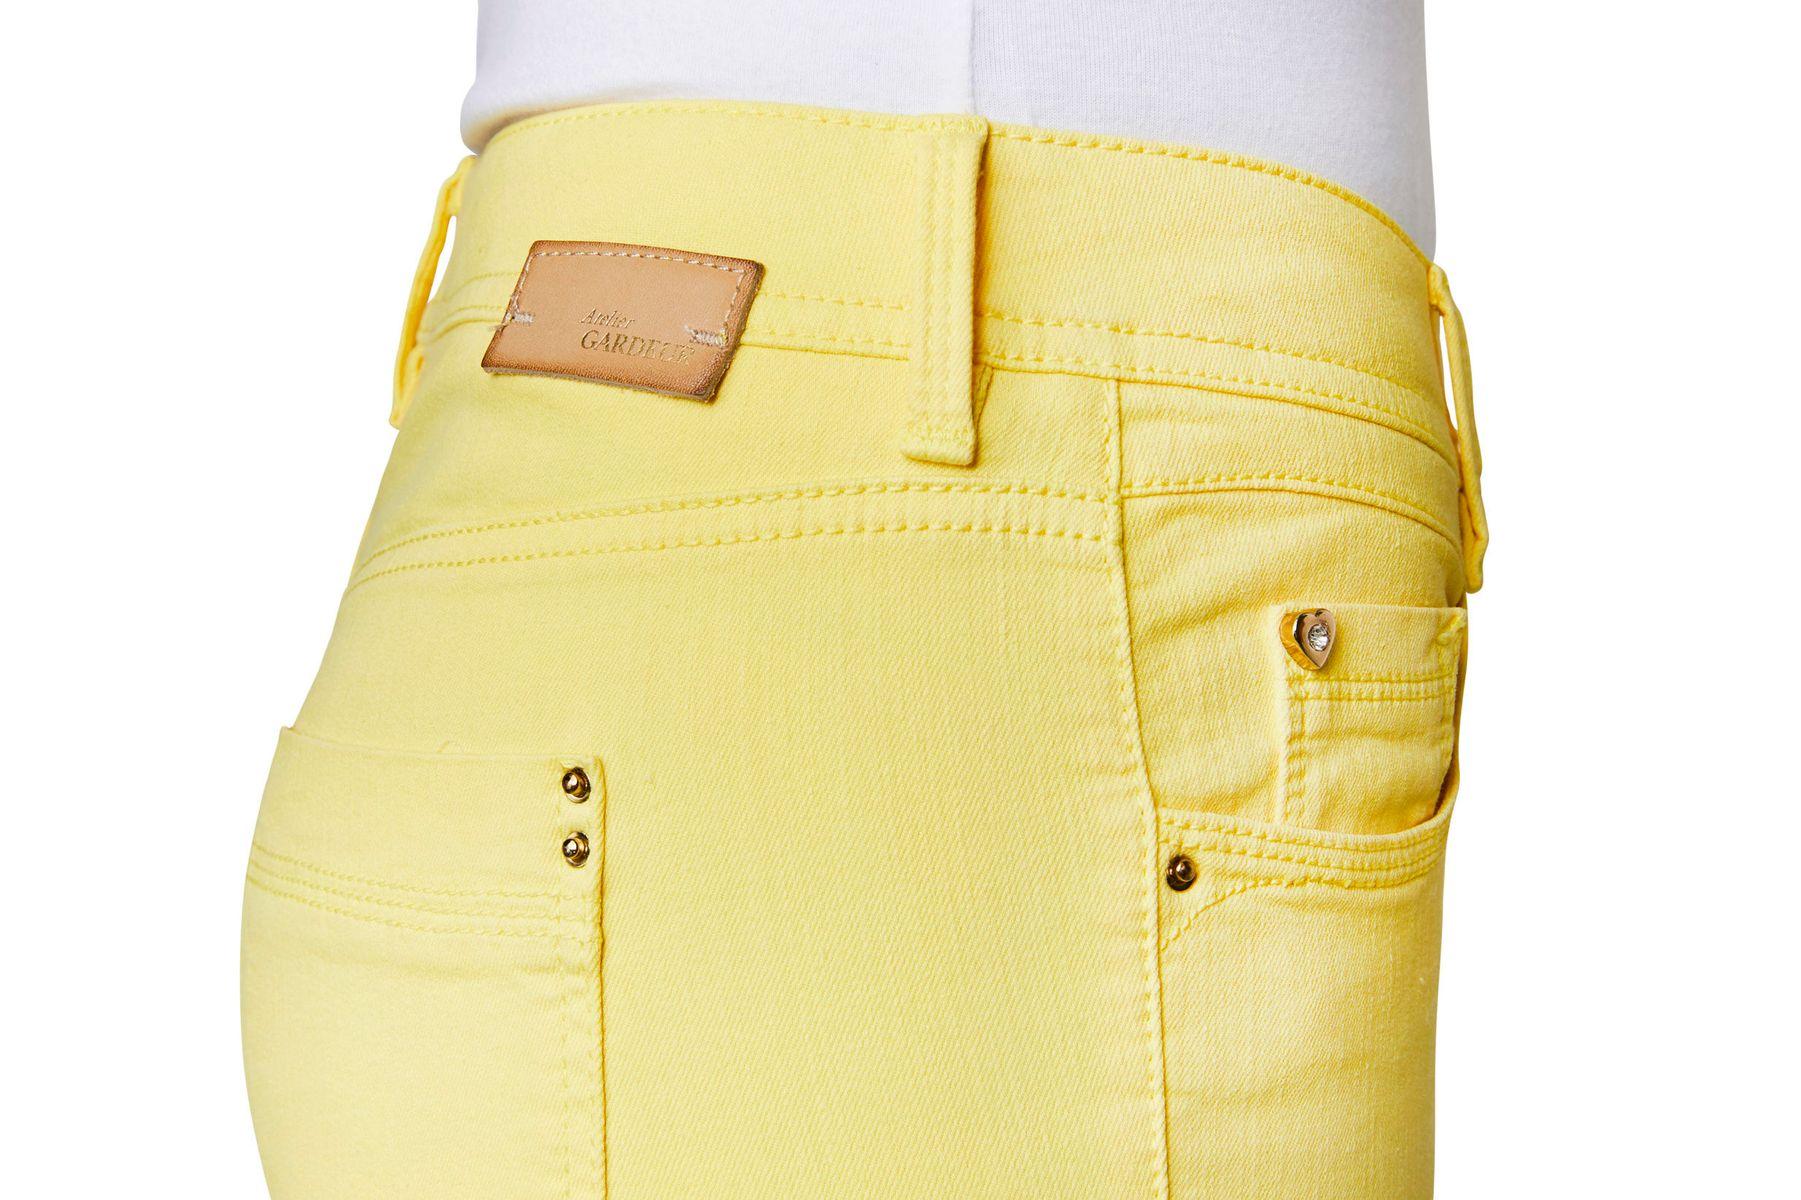 Atelier Gardeur - Slim Fit - Damen 5-Pocket Jeans, Zuri108 (080421) – Bild 24